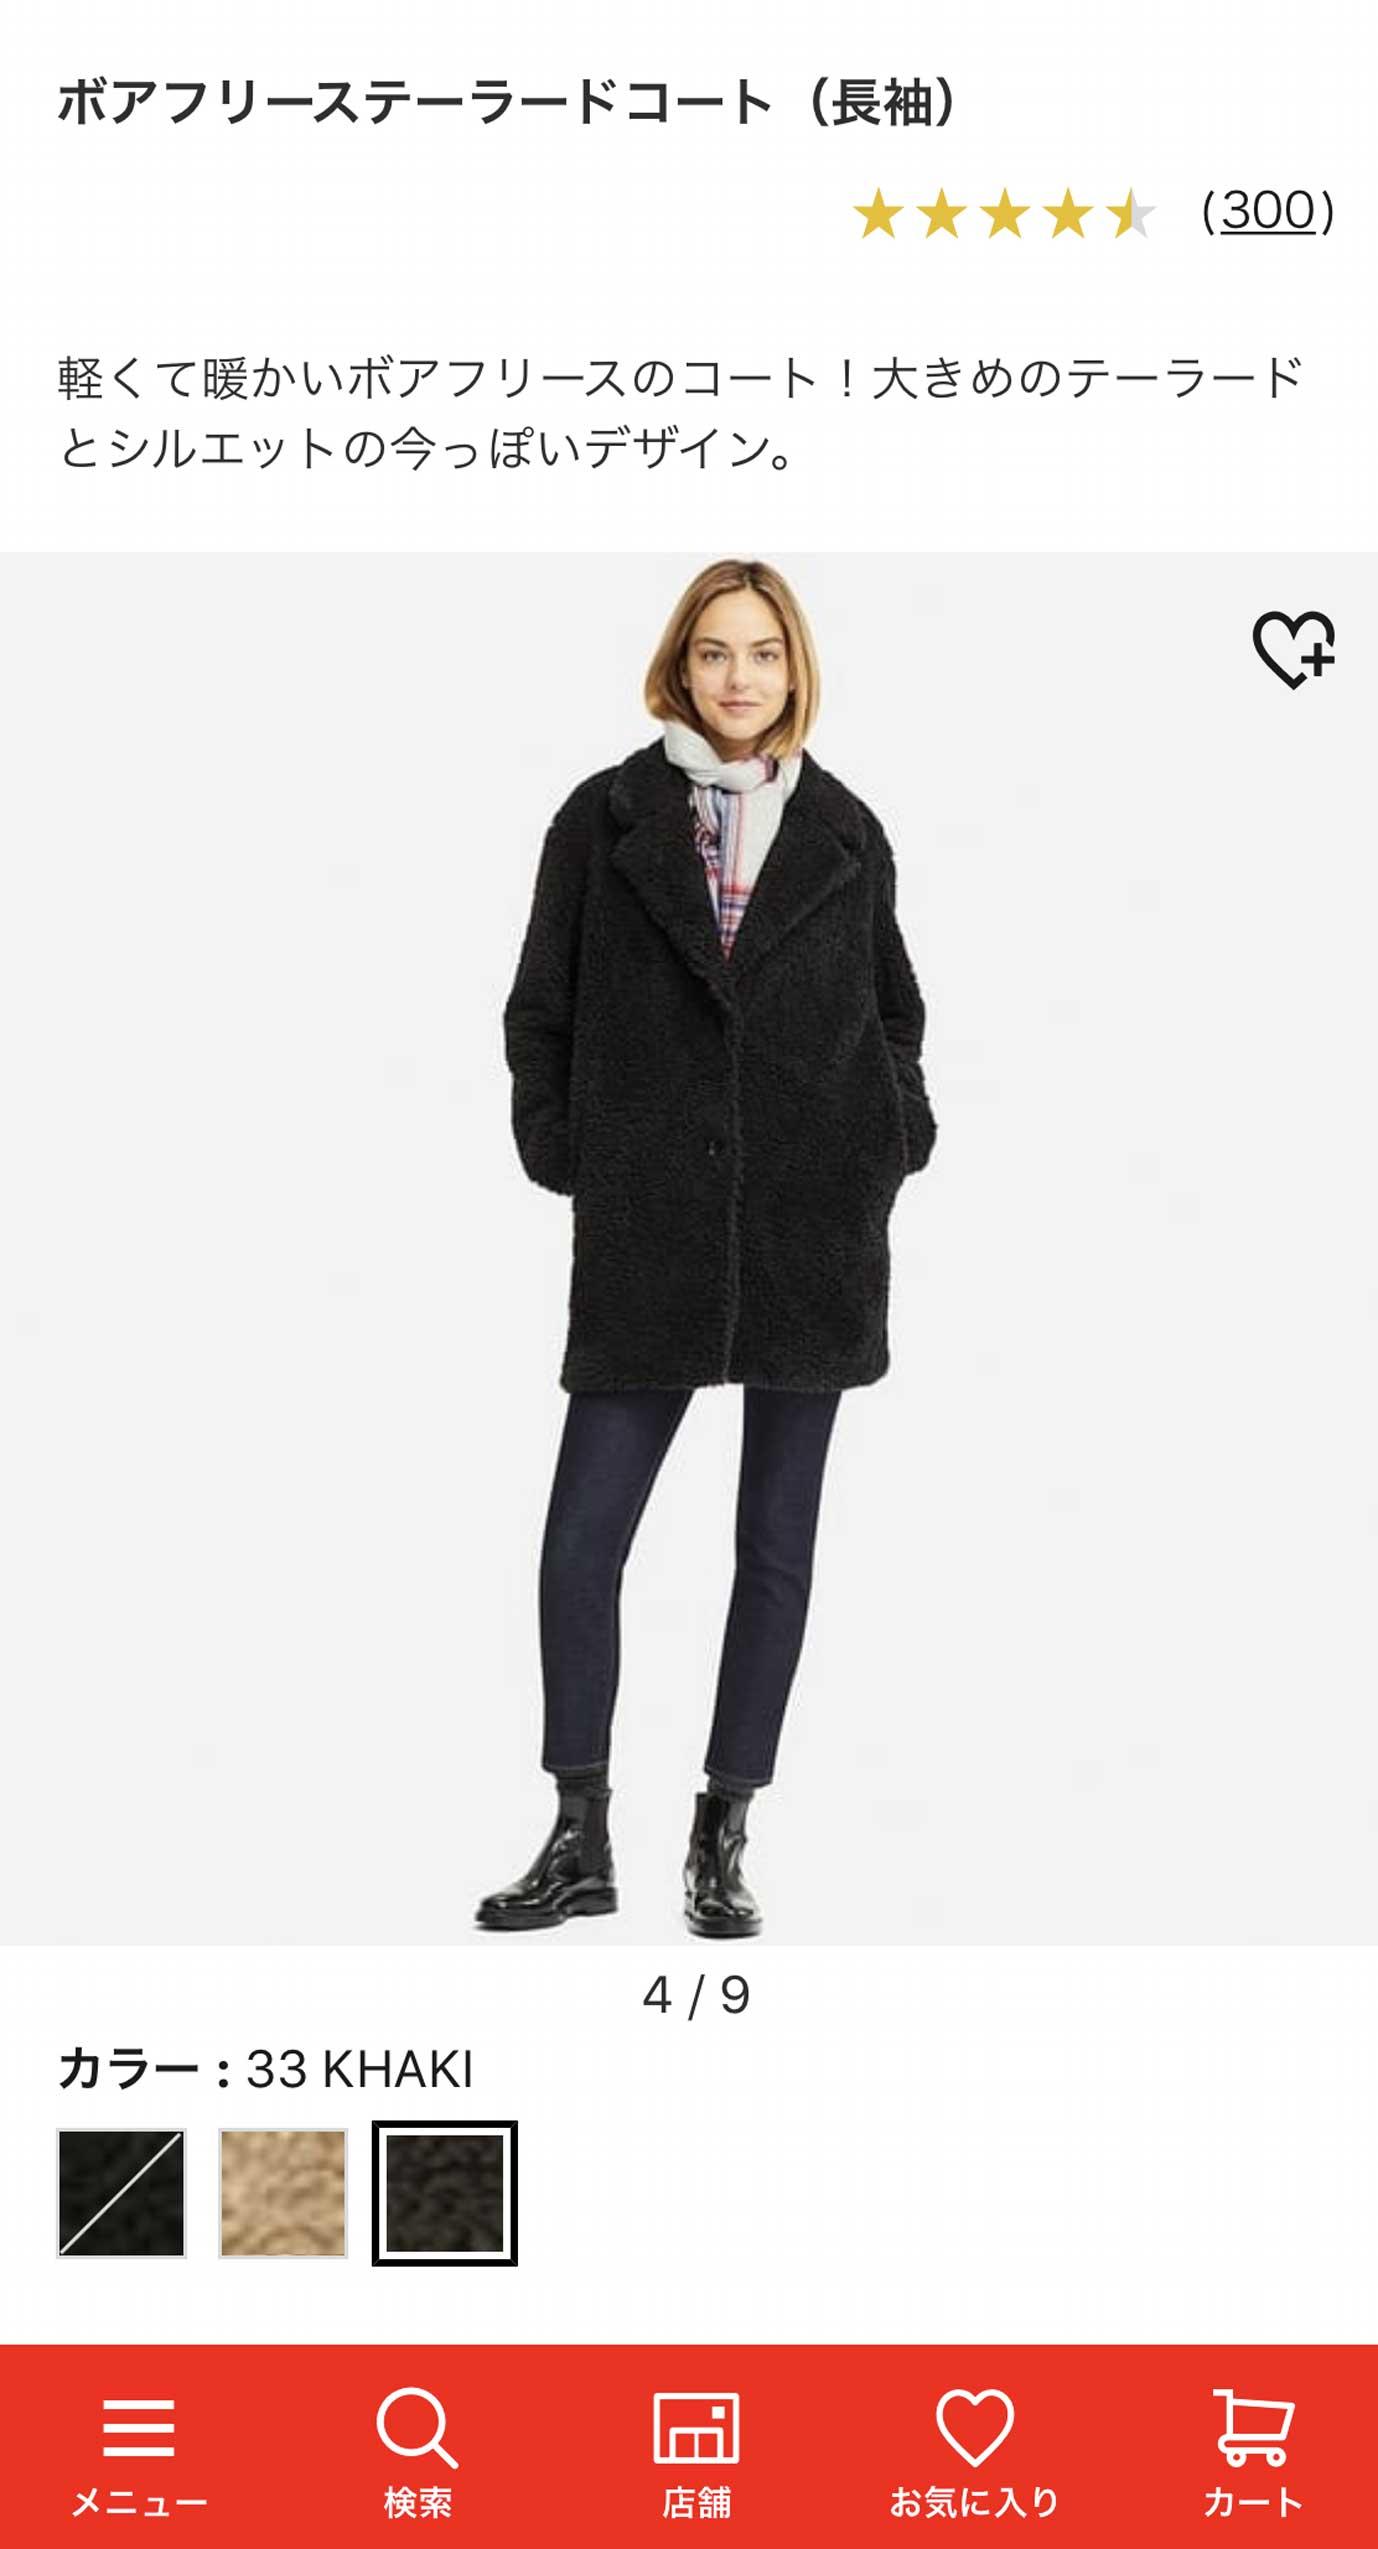 【XSサイズ】ユニクロ購入品ボアフリーステーラードコート【チビ服】